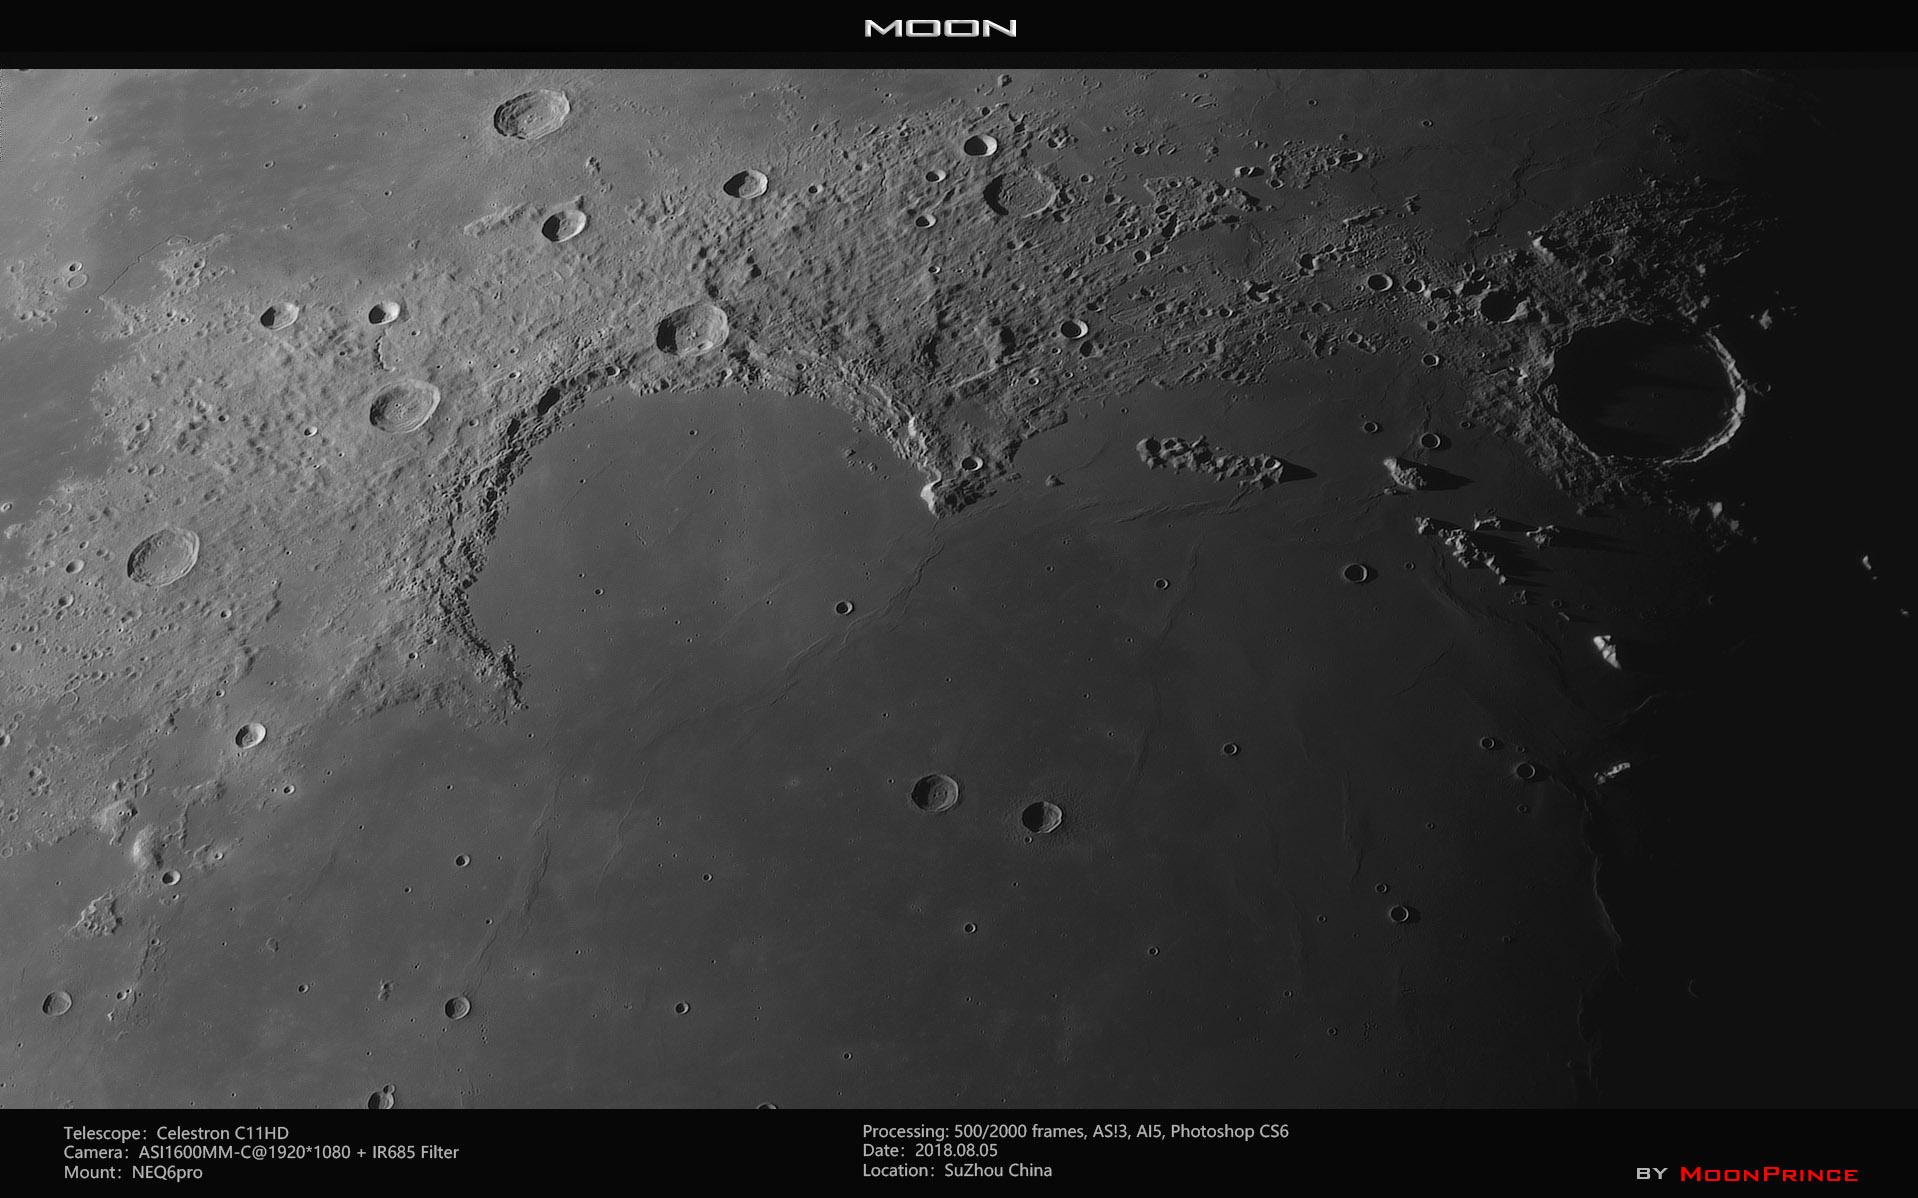 Moon20180805-7.jpg